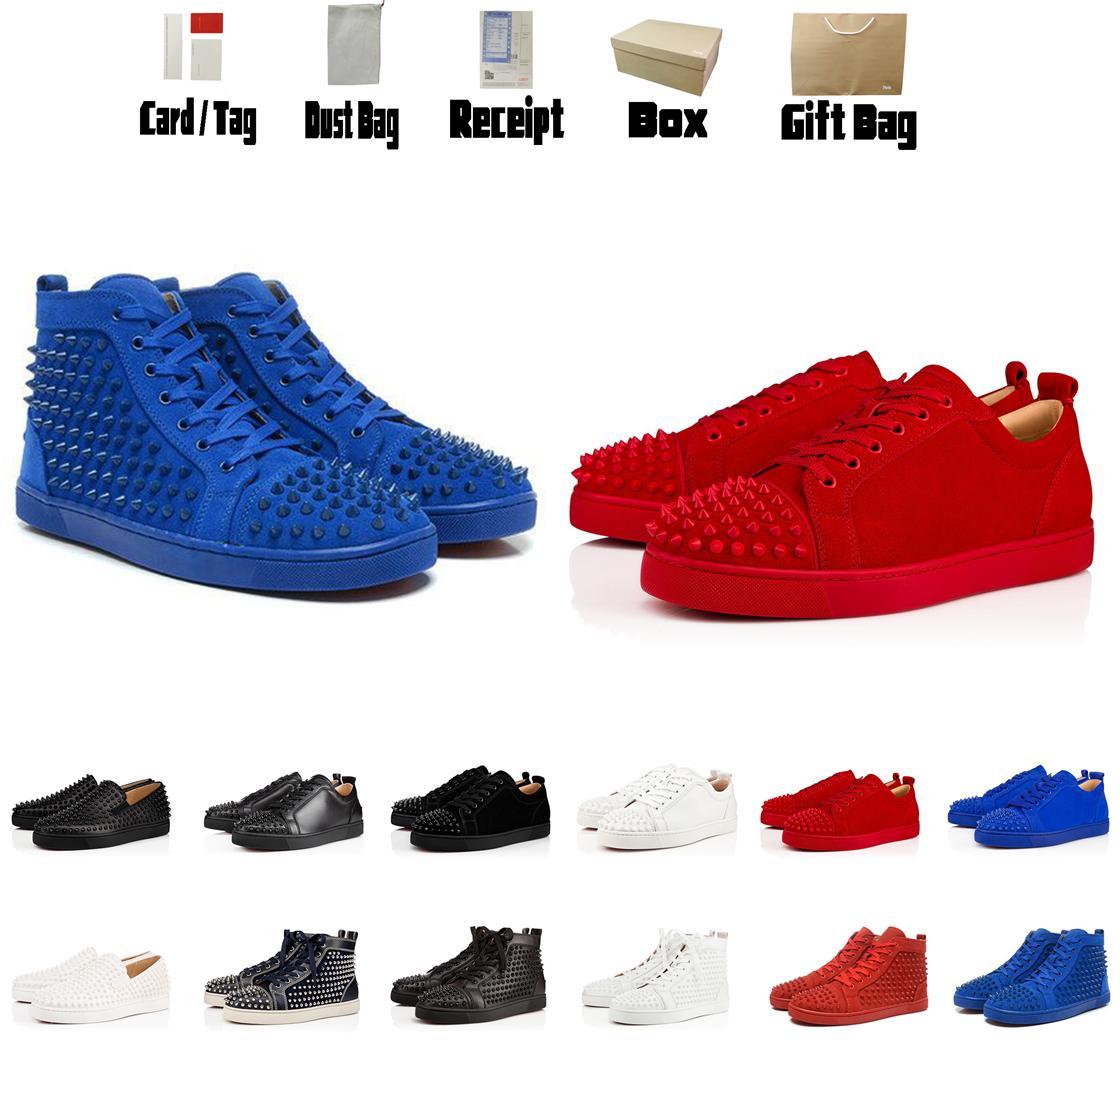 Luxurys Designers Sapatos Vermelho Bottom Couro Homens Sneakers Mulheres Sapatos Treinadores Preto Sapatos Flat Botinhas High Top Sneakers Botas Tamanho US5-US13